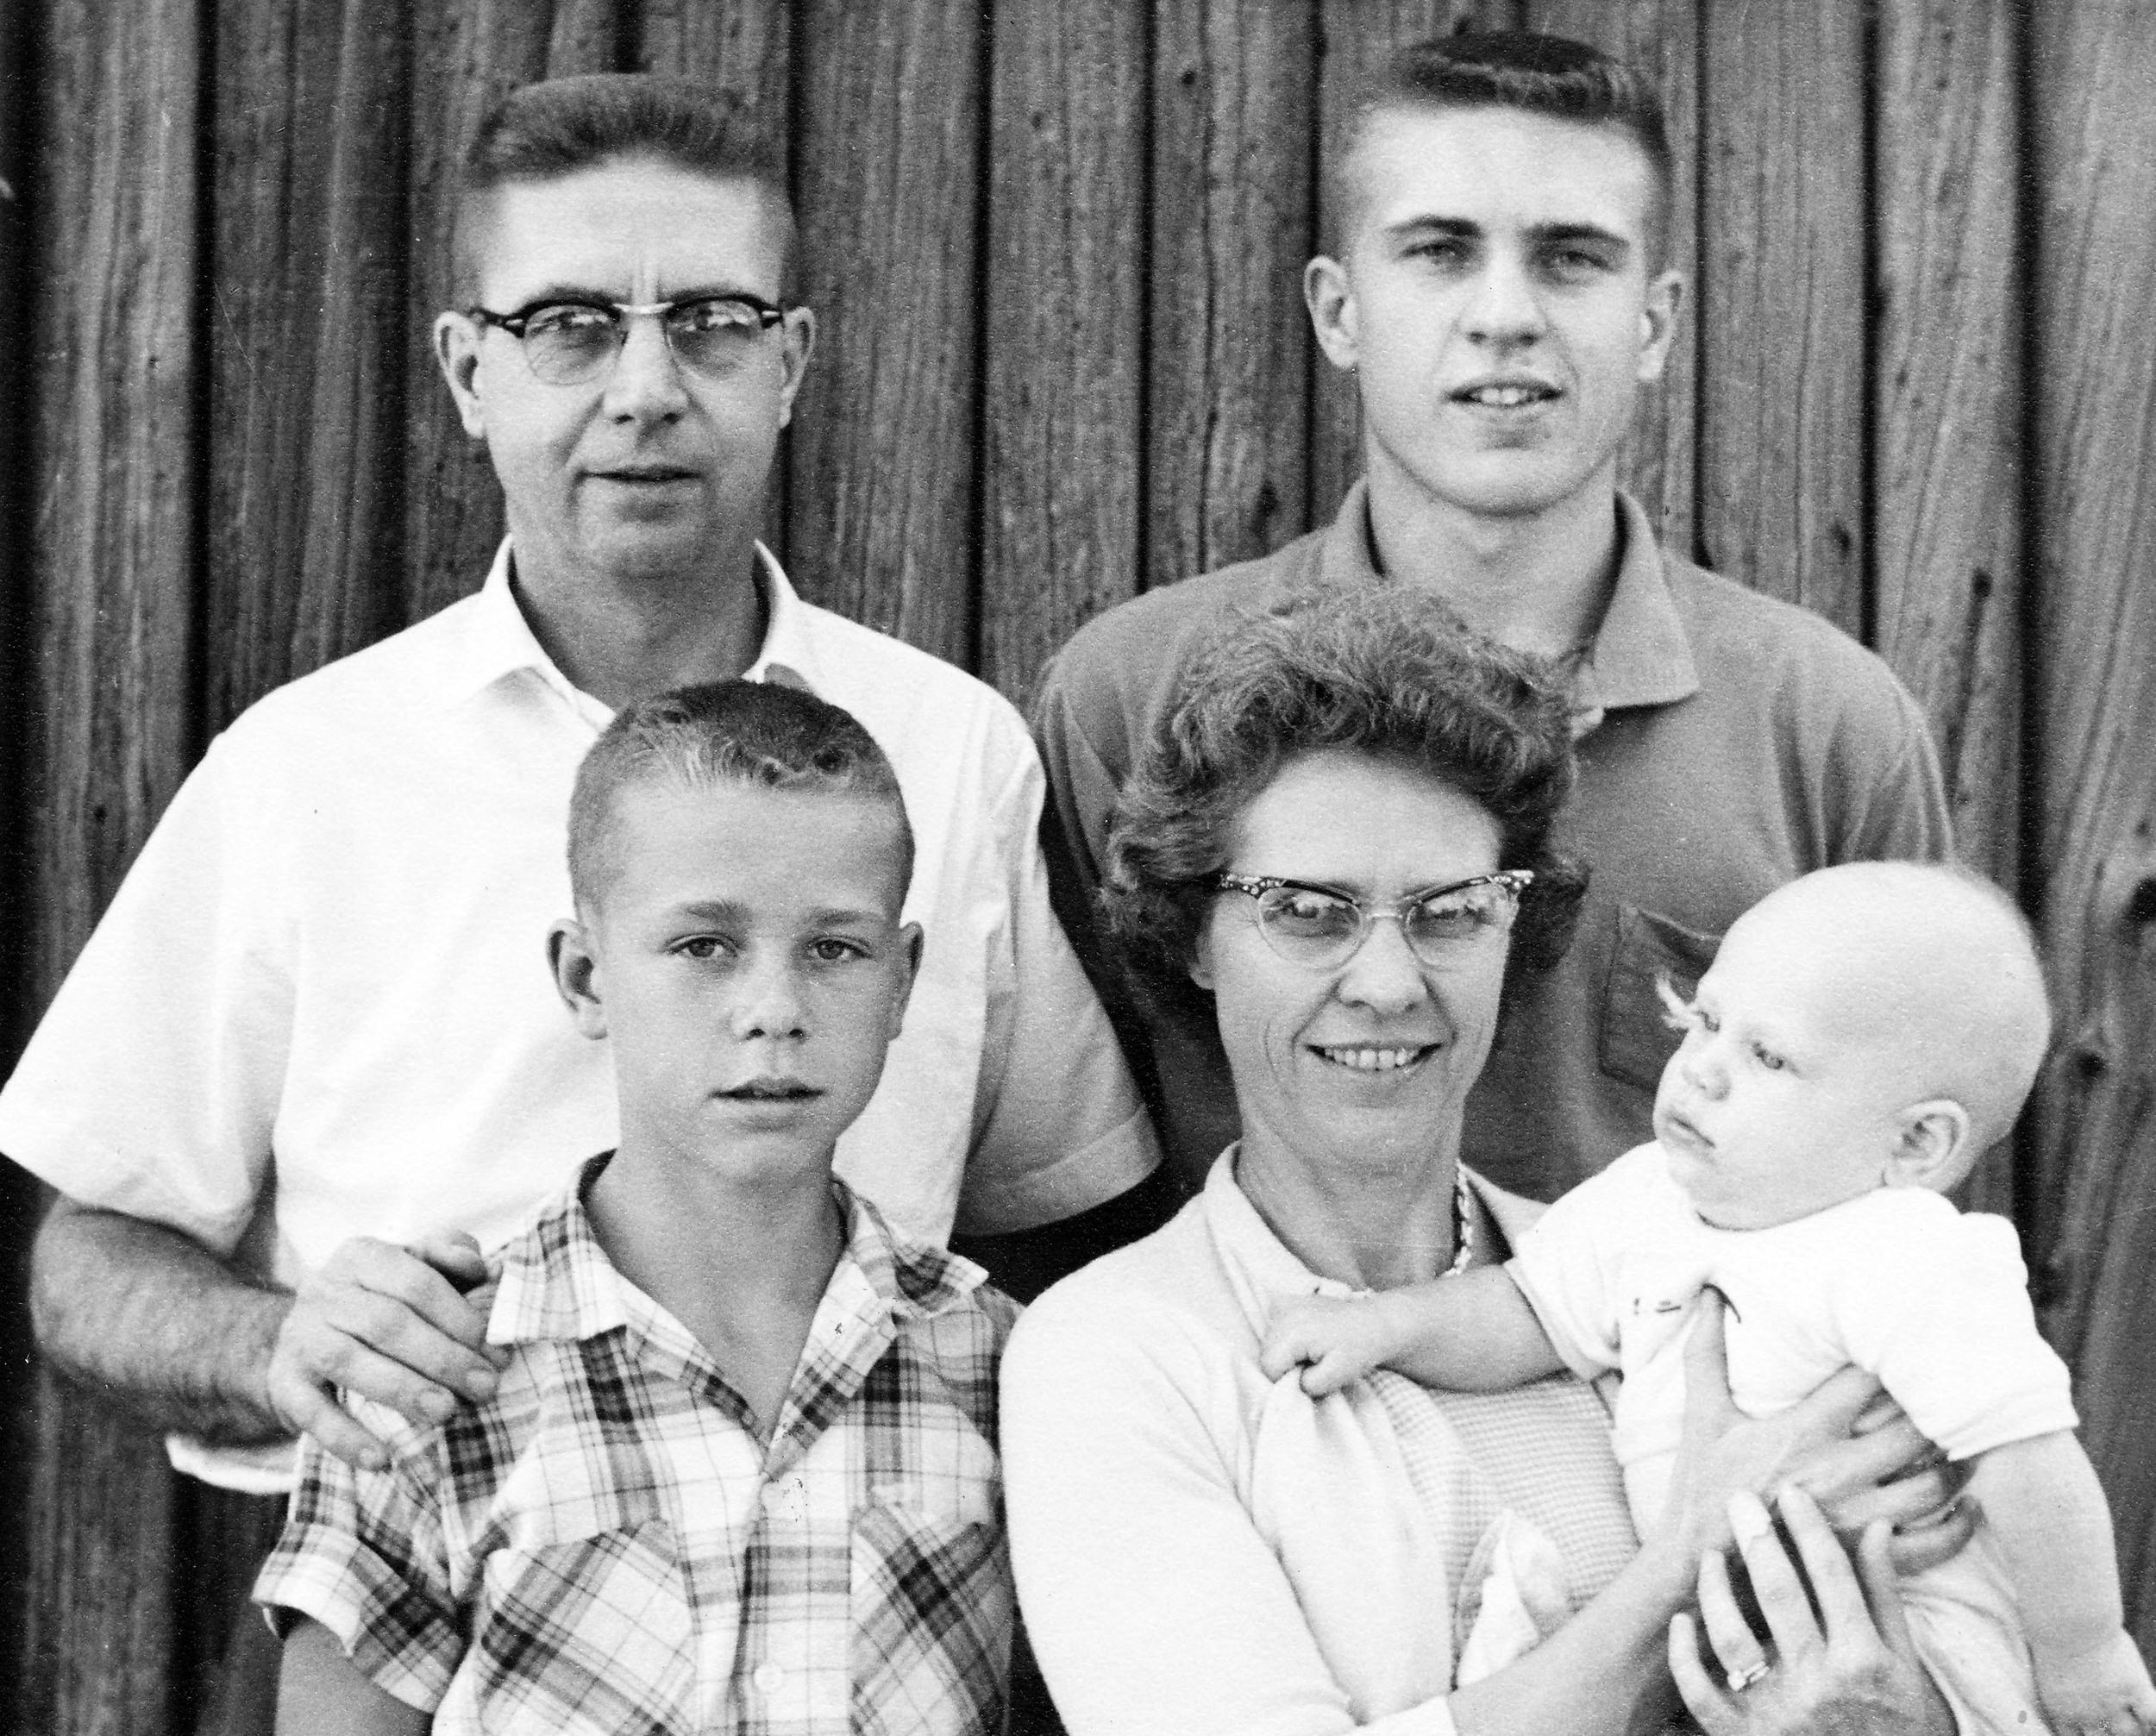 Rockstad family photo